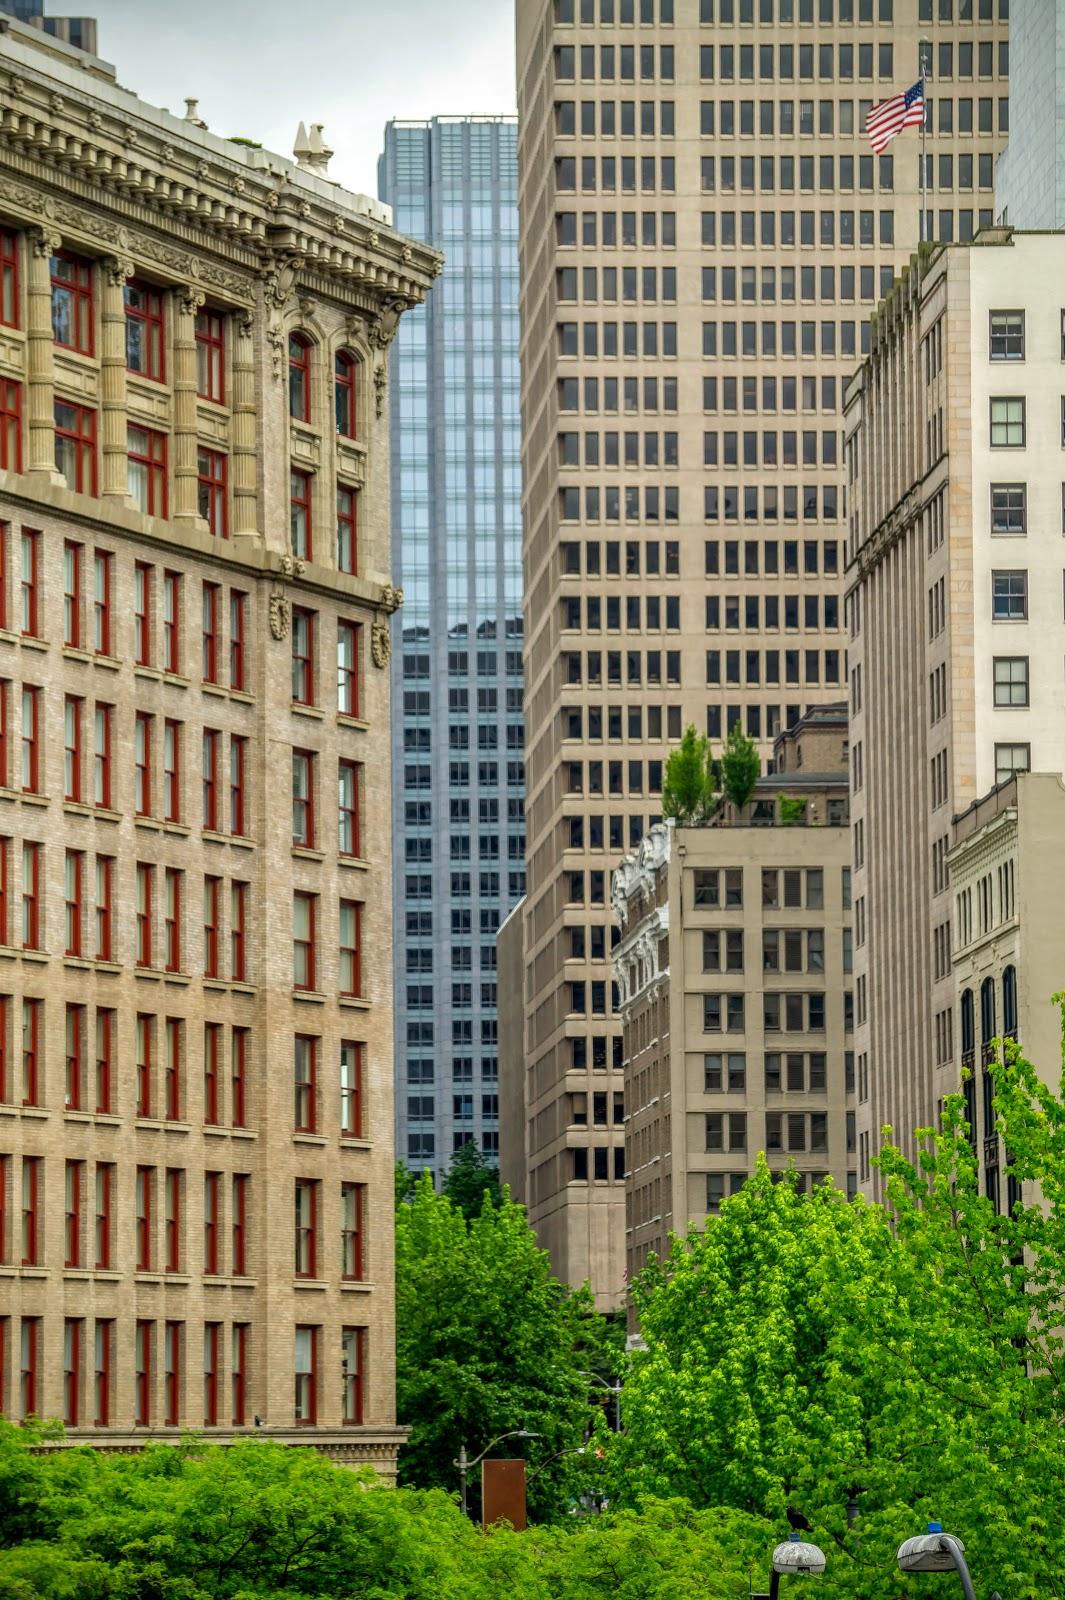 А такая архитектура чем-то даже напоминает Монреаль. Только здания выше.